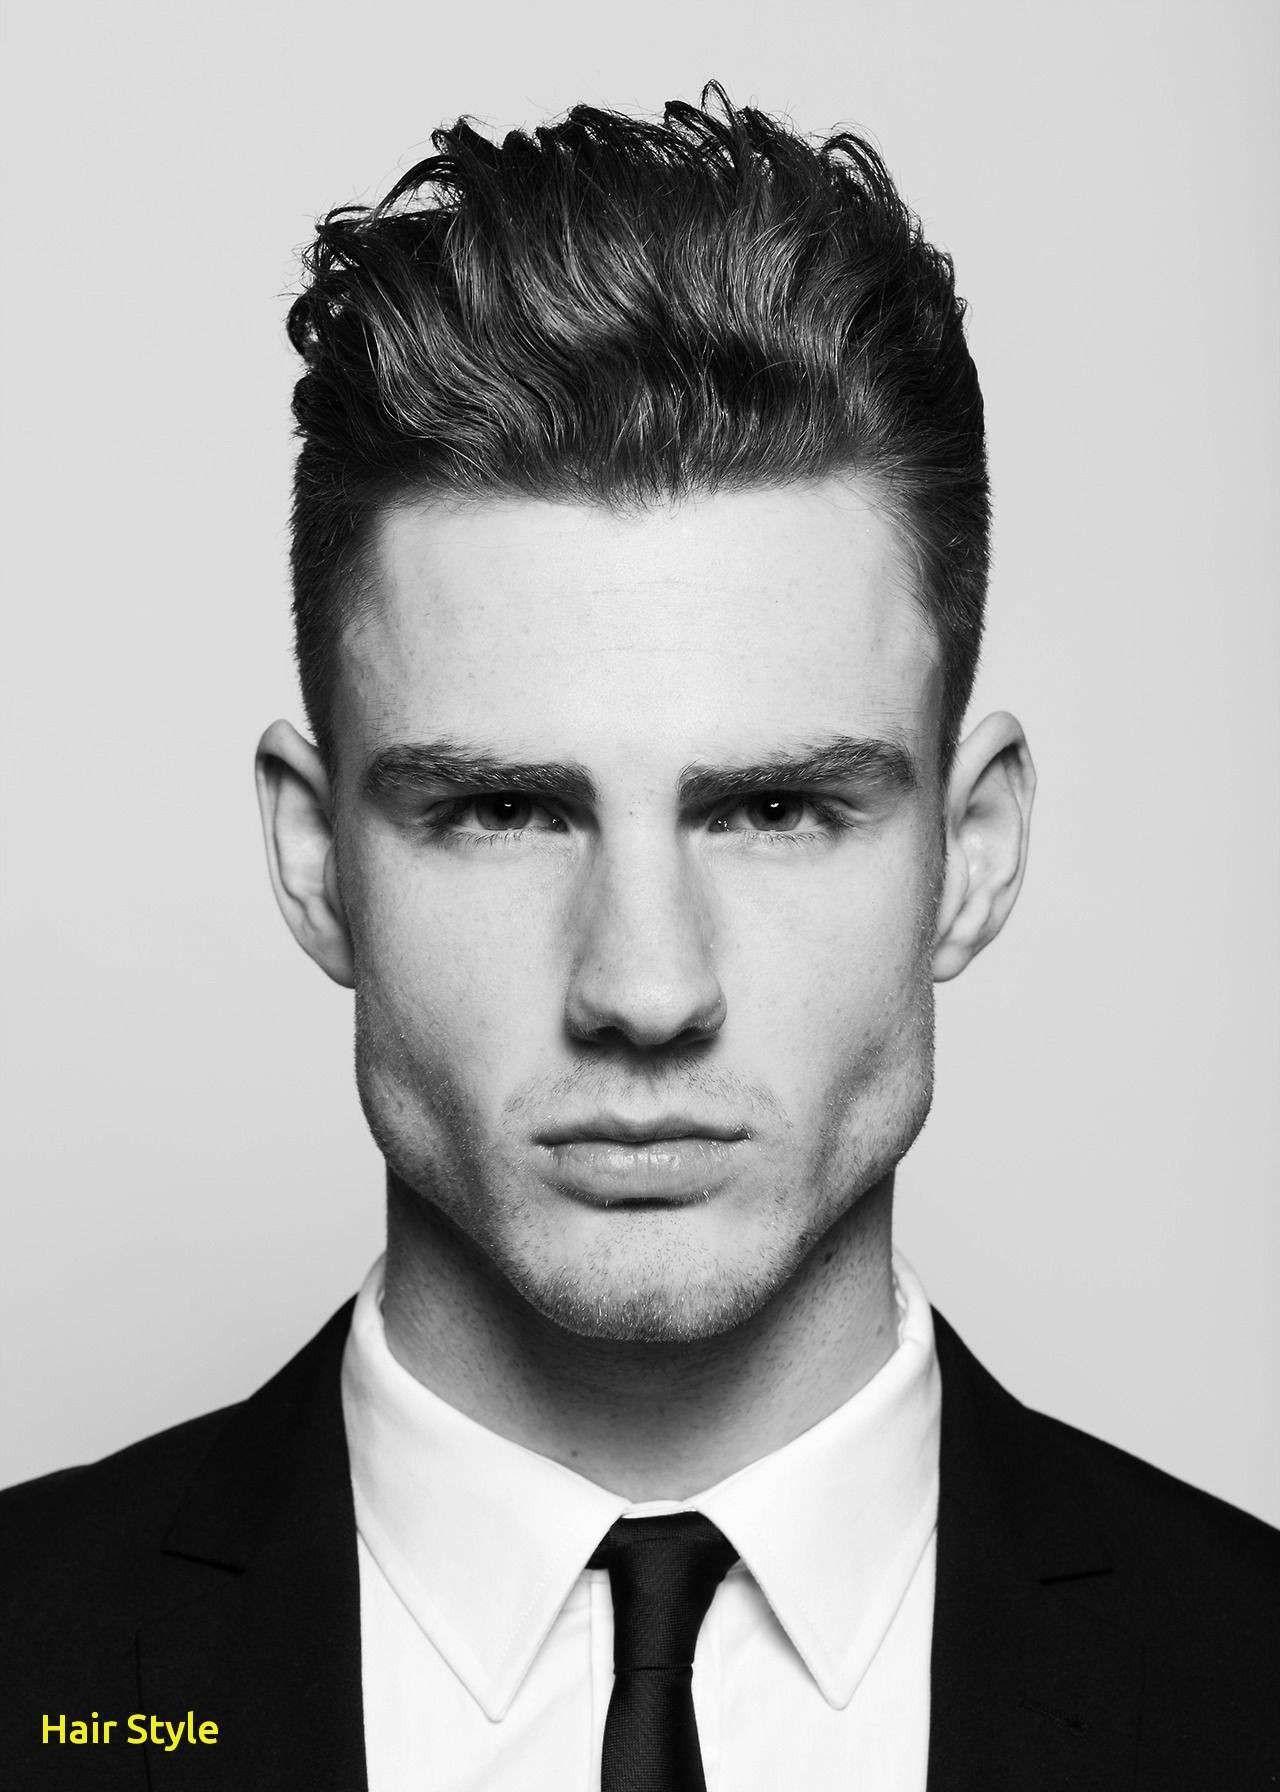 Korean Hairstyle 2018 for Men   Mens hairstyles 2018, Cool hairstyles, Medium hair styles